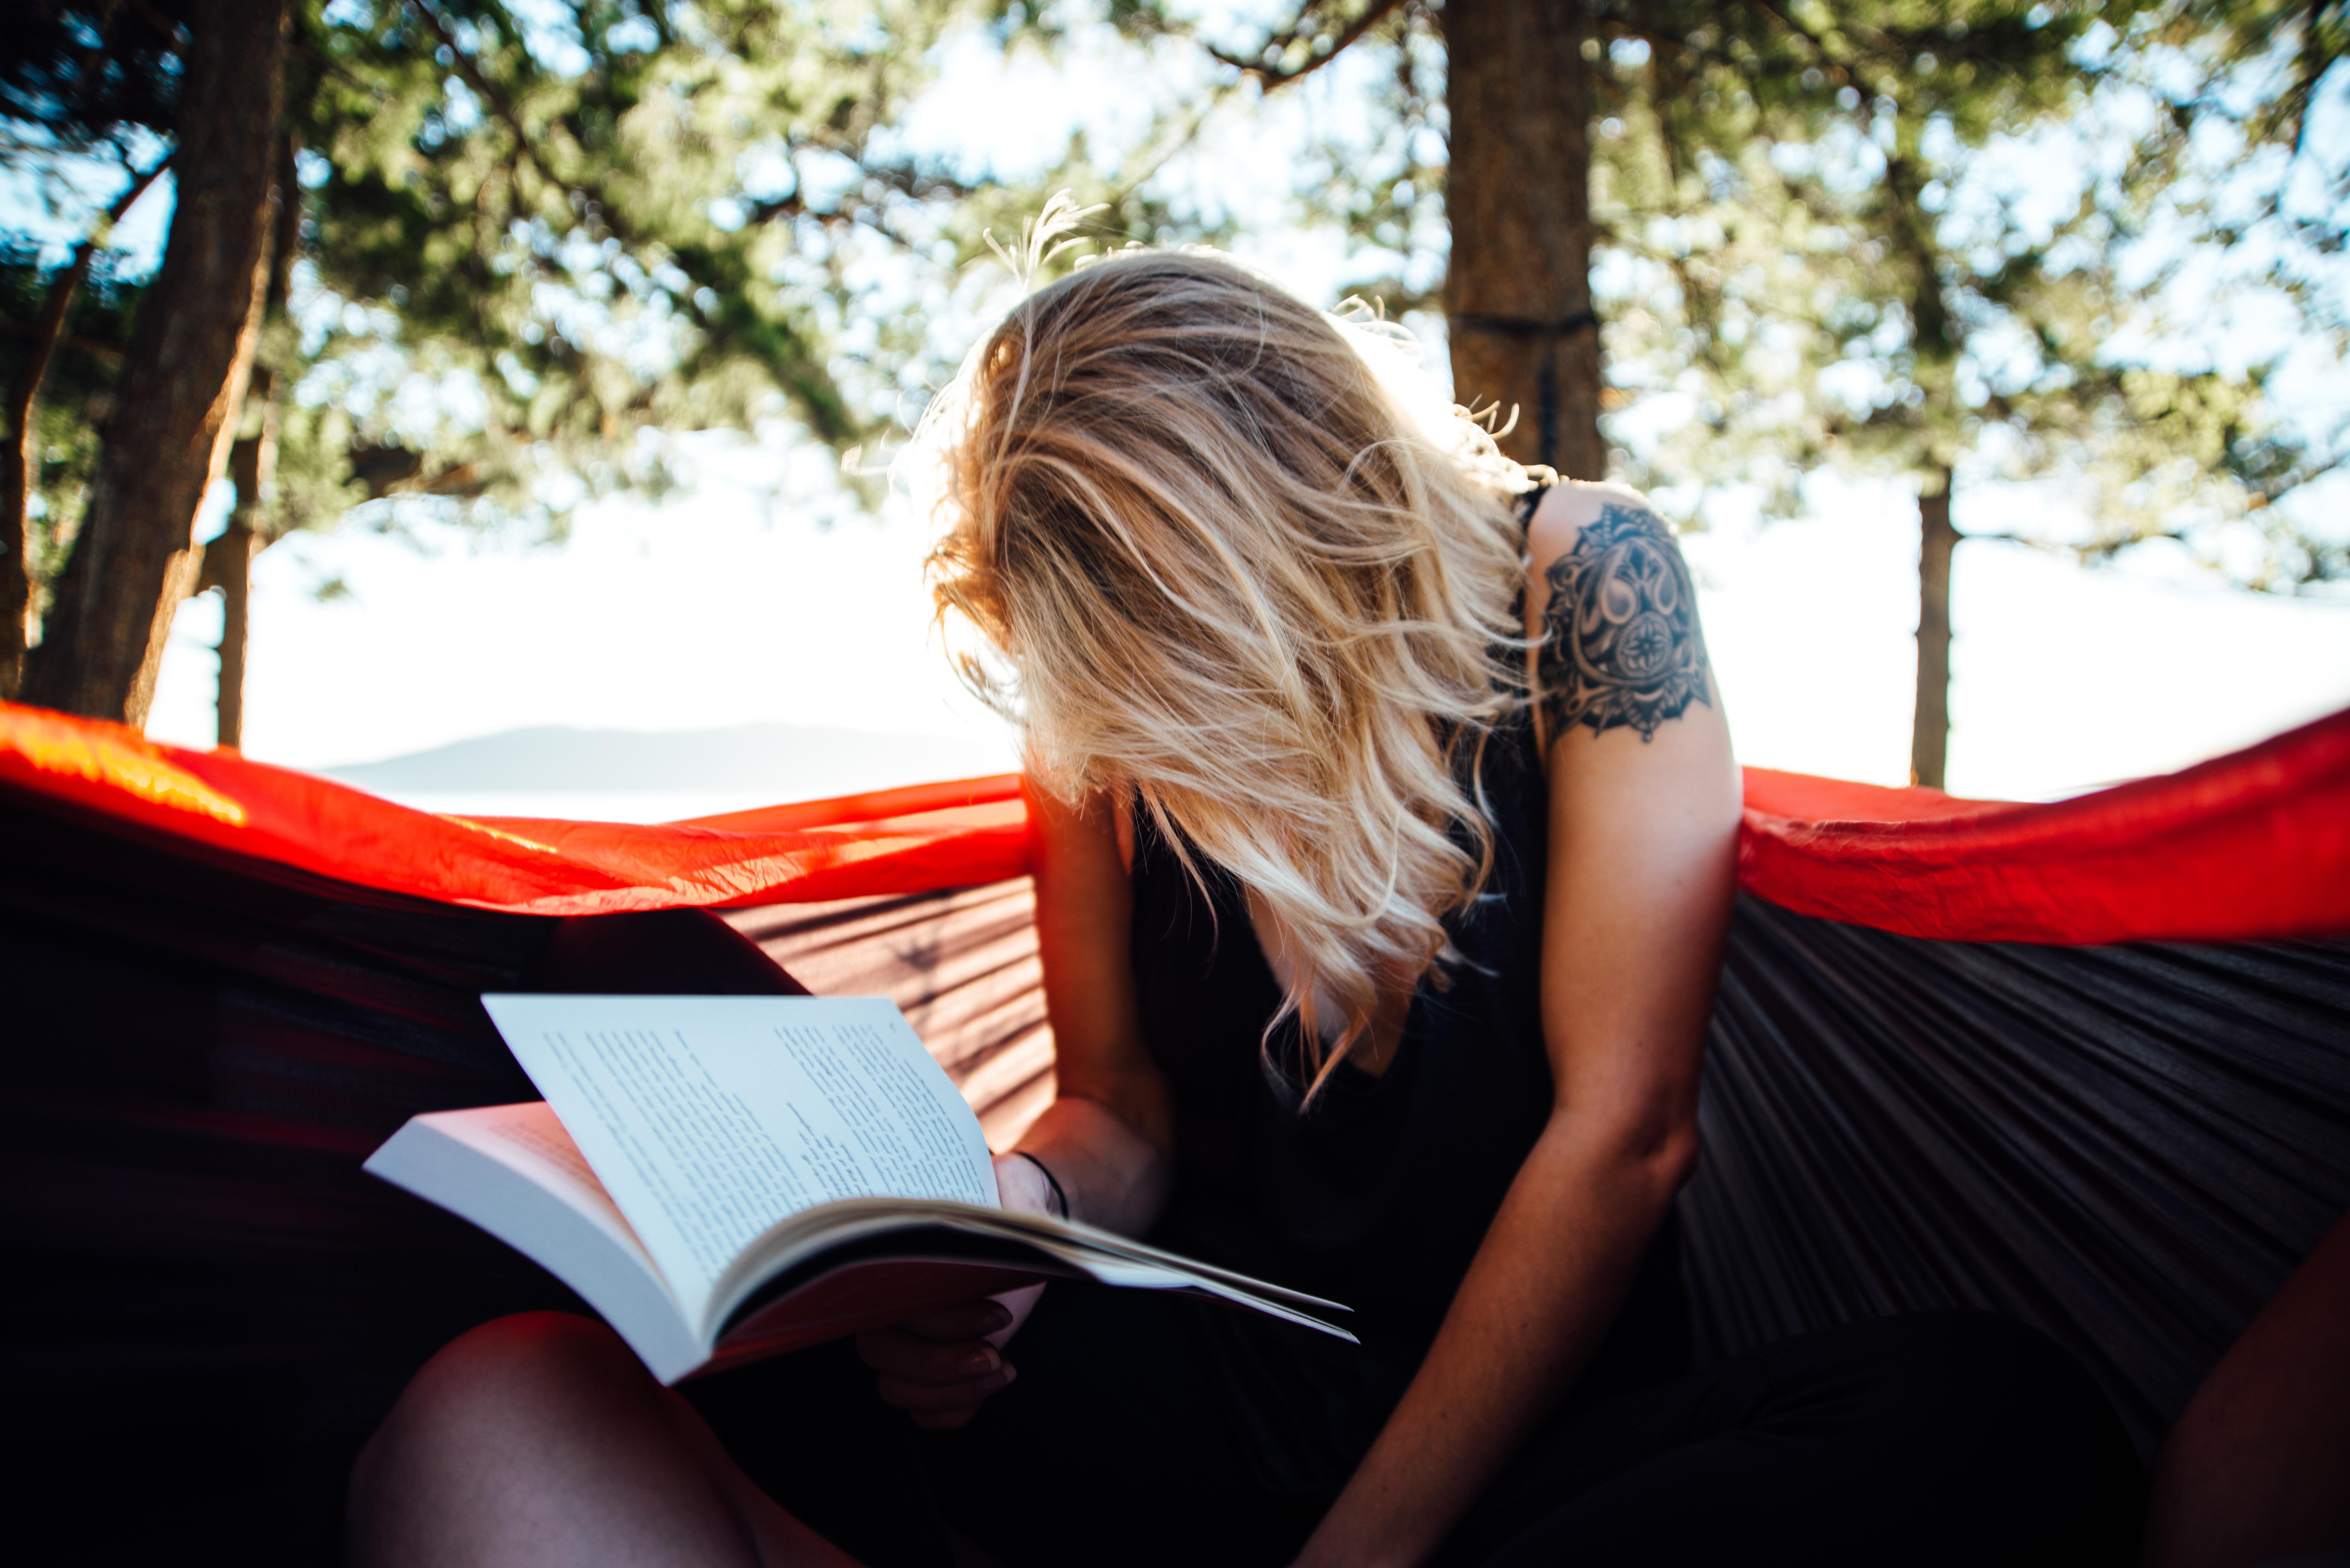 dziewczyna ksiazka czytanie